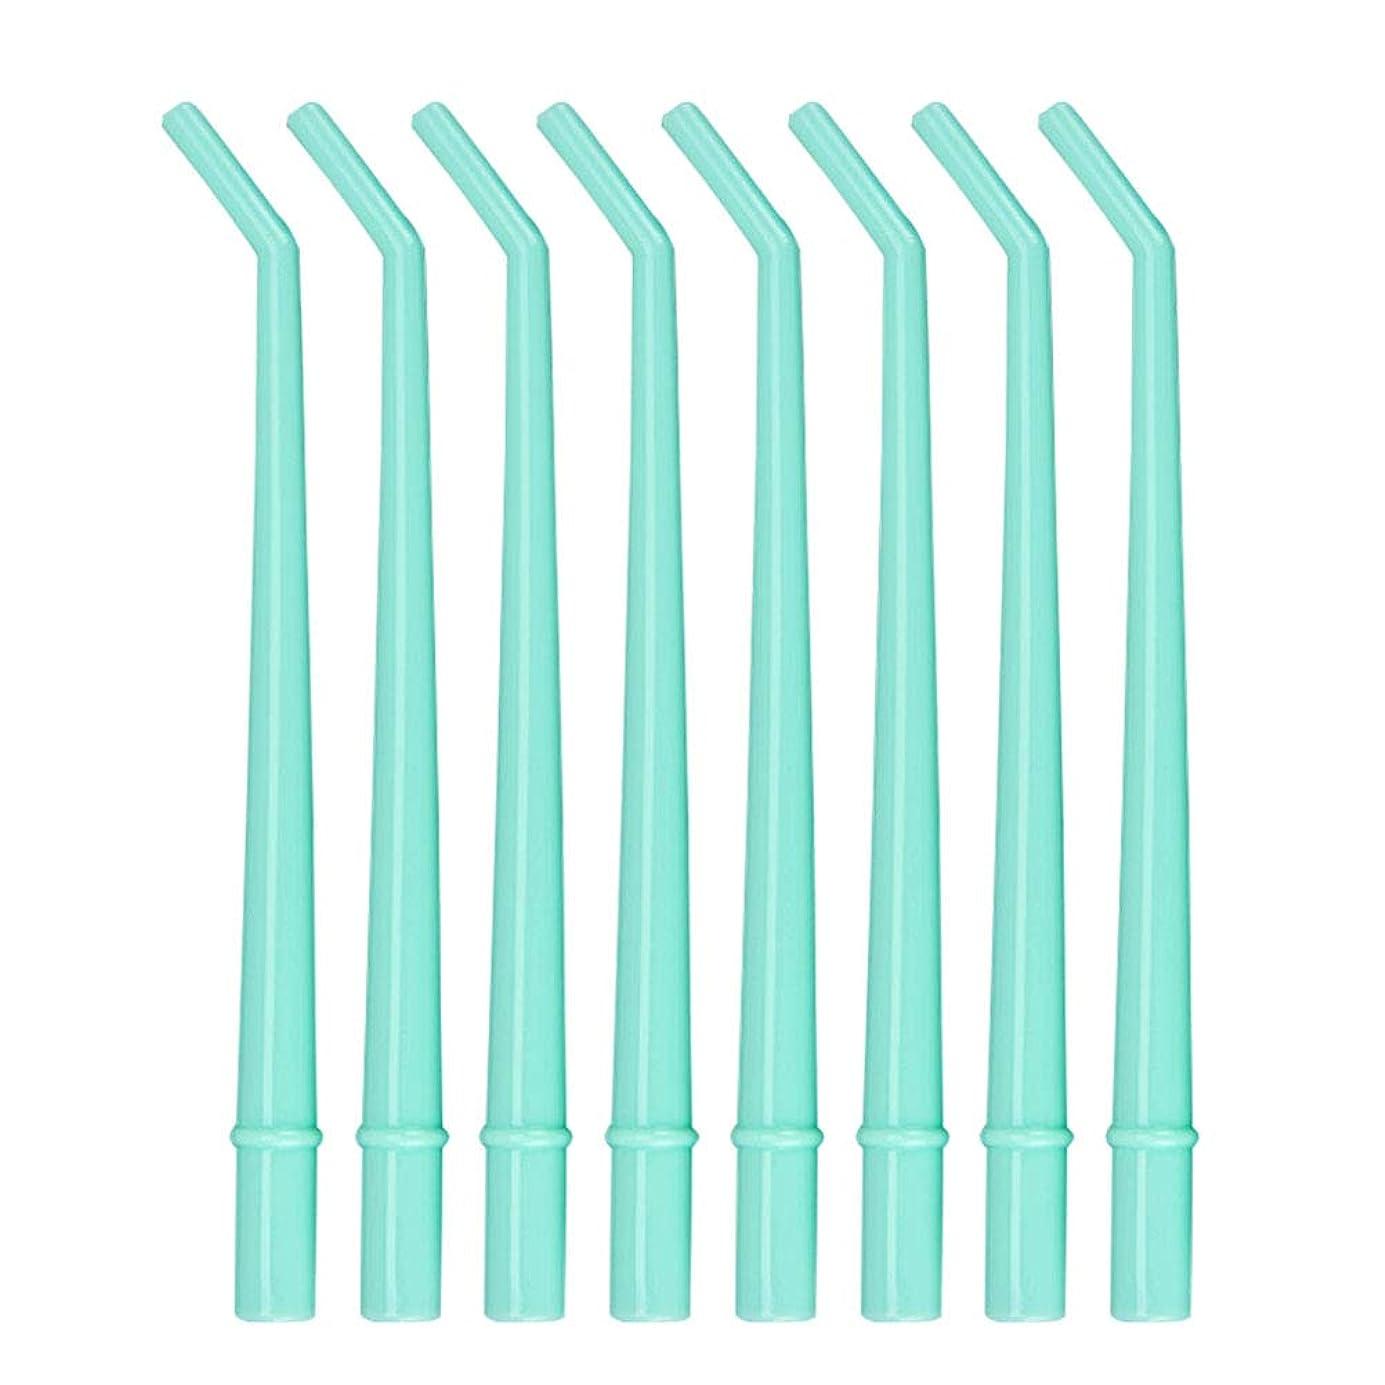 中庭誇張貫通するHealifty 25PCS使い捨て歯科手術用吸引器吸引チューブ湾曲したヒント歯科唾液エジェクタのヒント(グリーン)